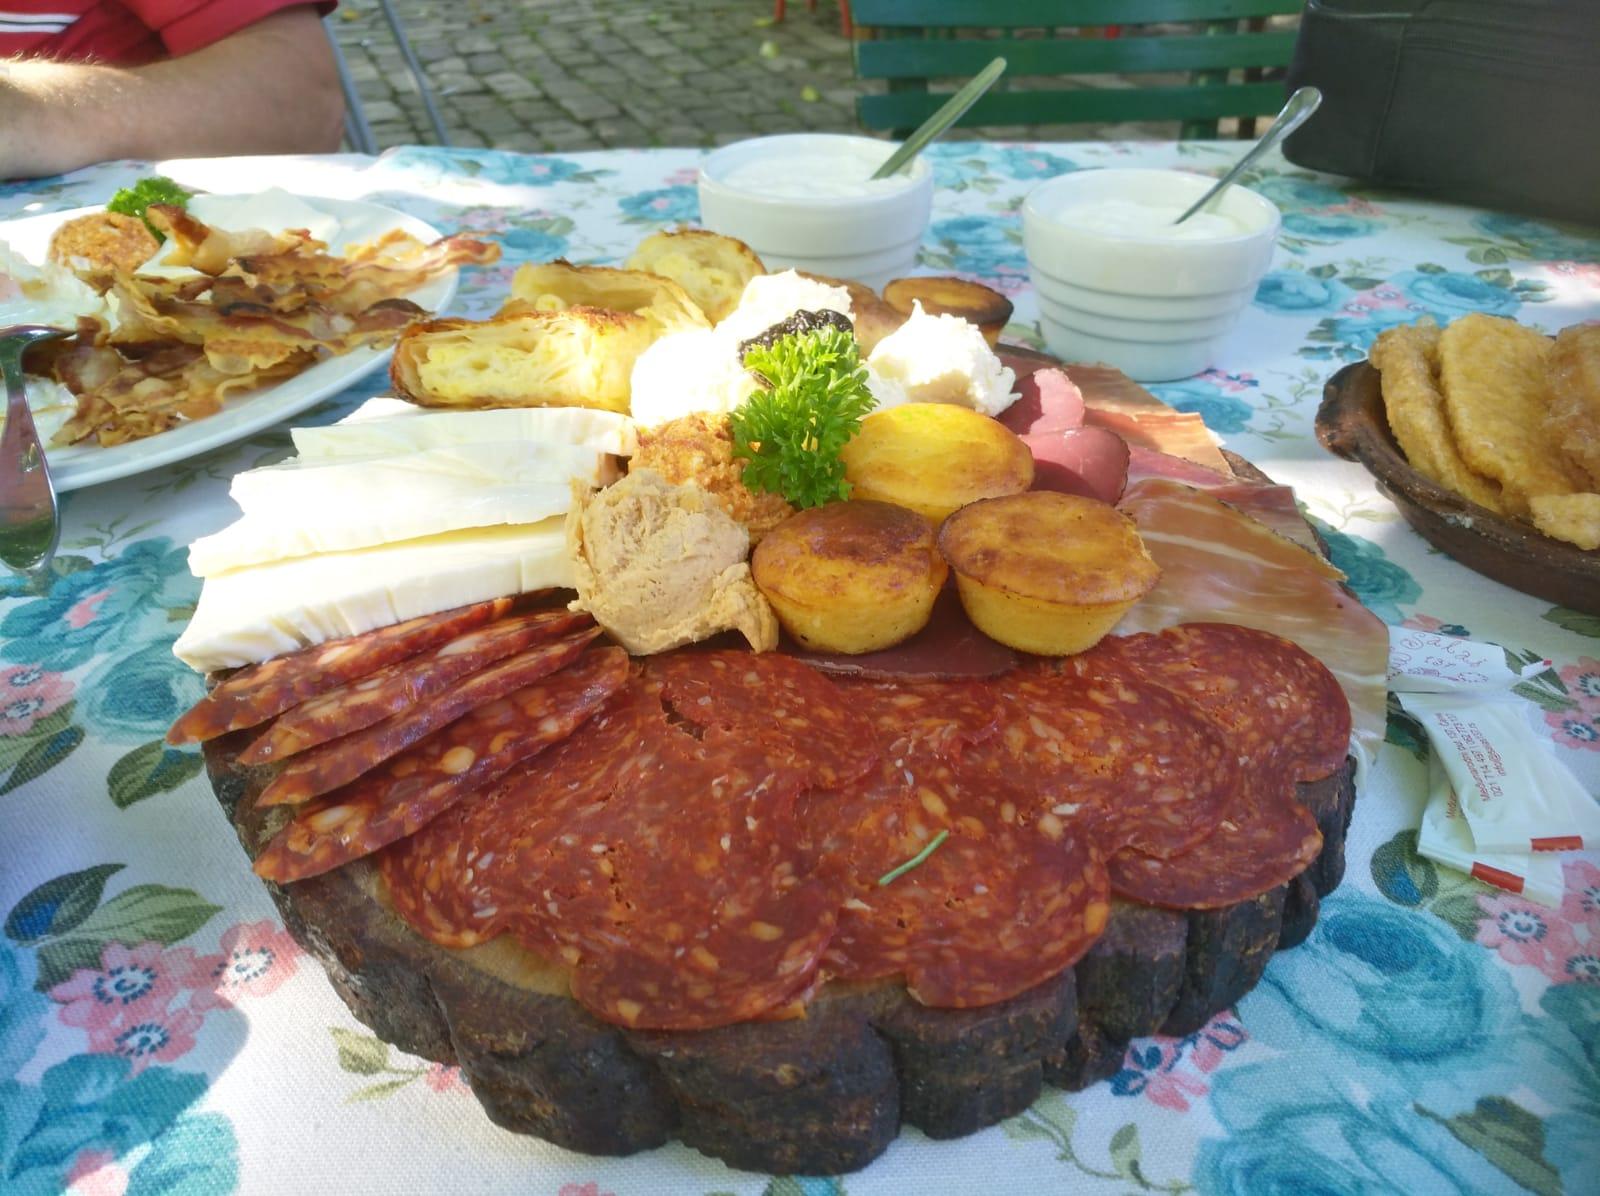 Frühstückstisch im nordserbischen Bauernhof (c) Herbert Ehinger.jpg